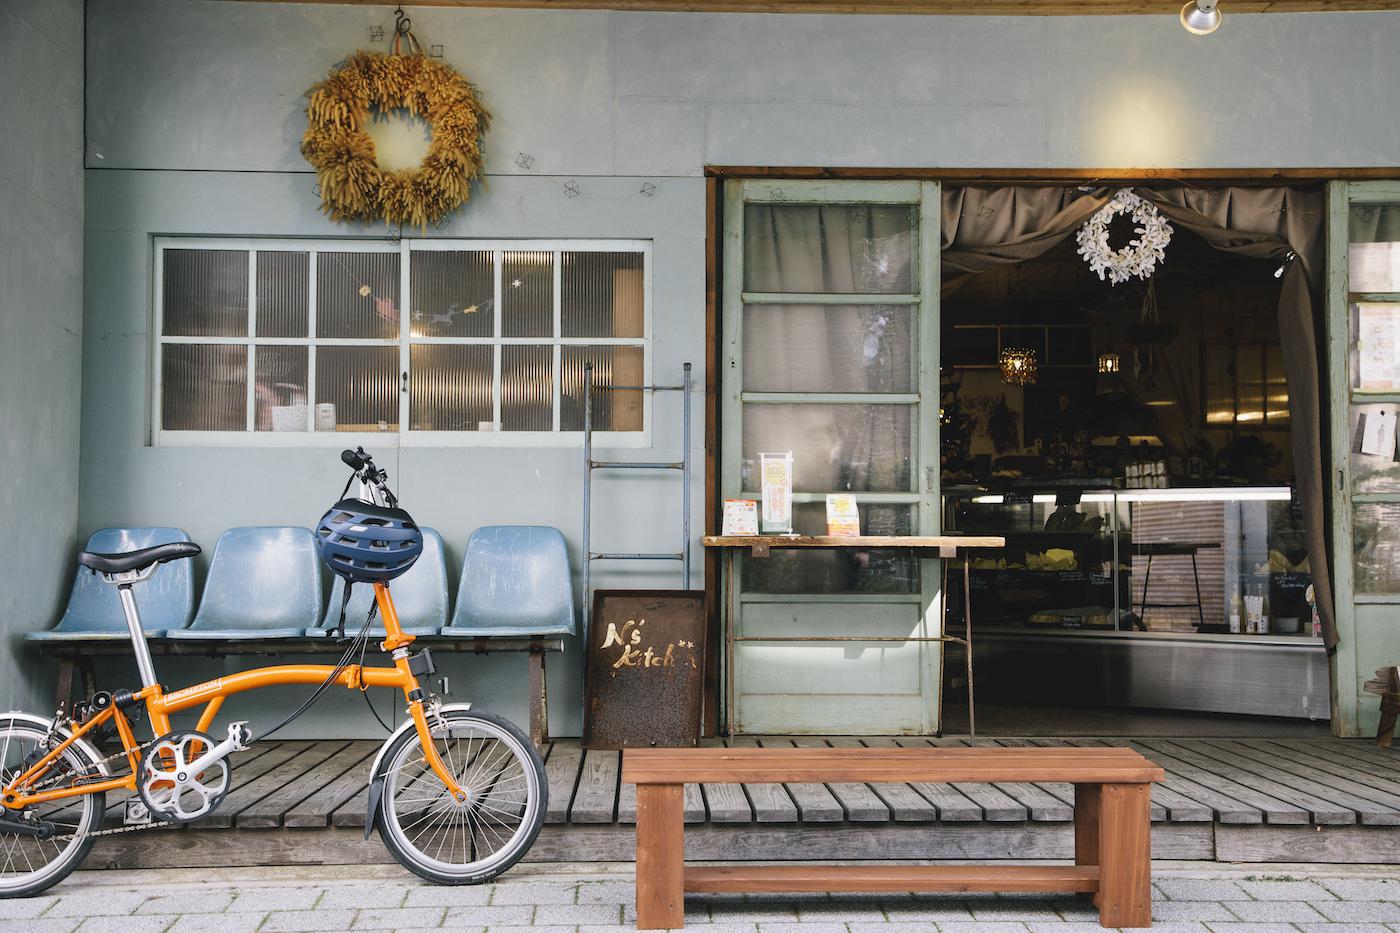 台湾の雑誌『秋刀魚』が案内する、愛媛県のんびり自転車旅